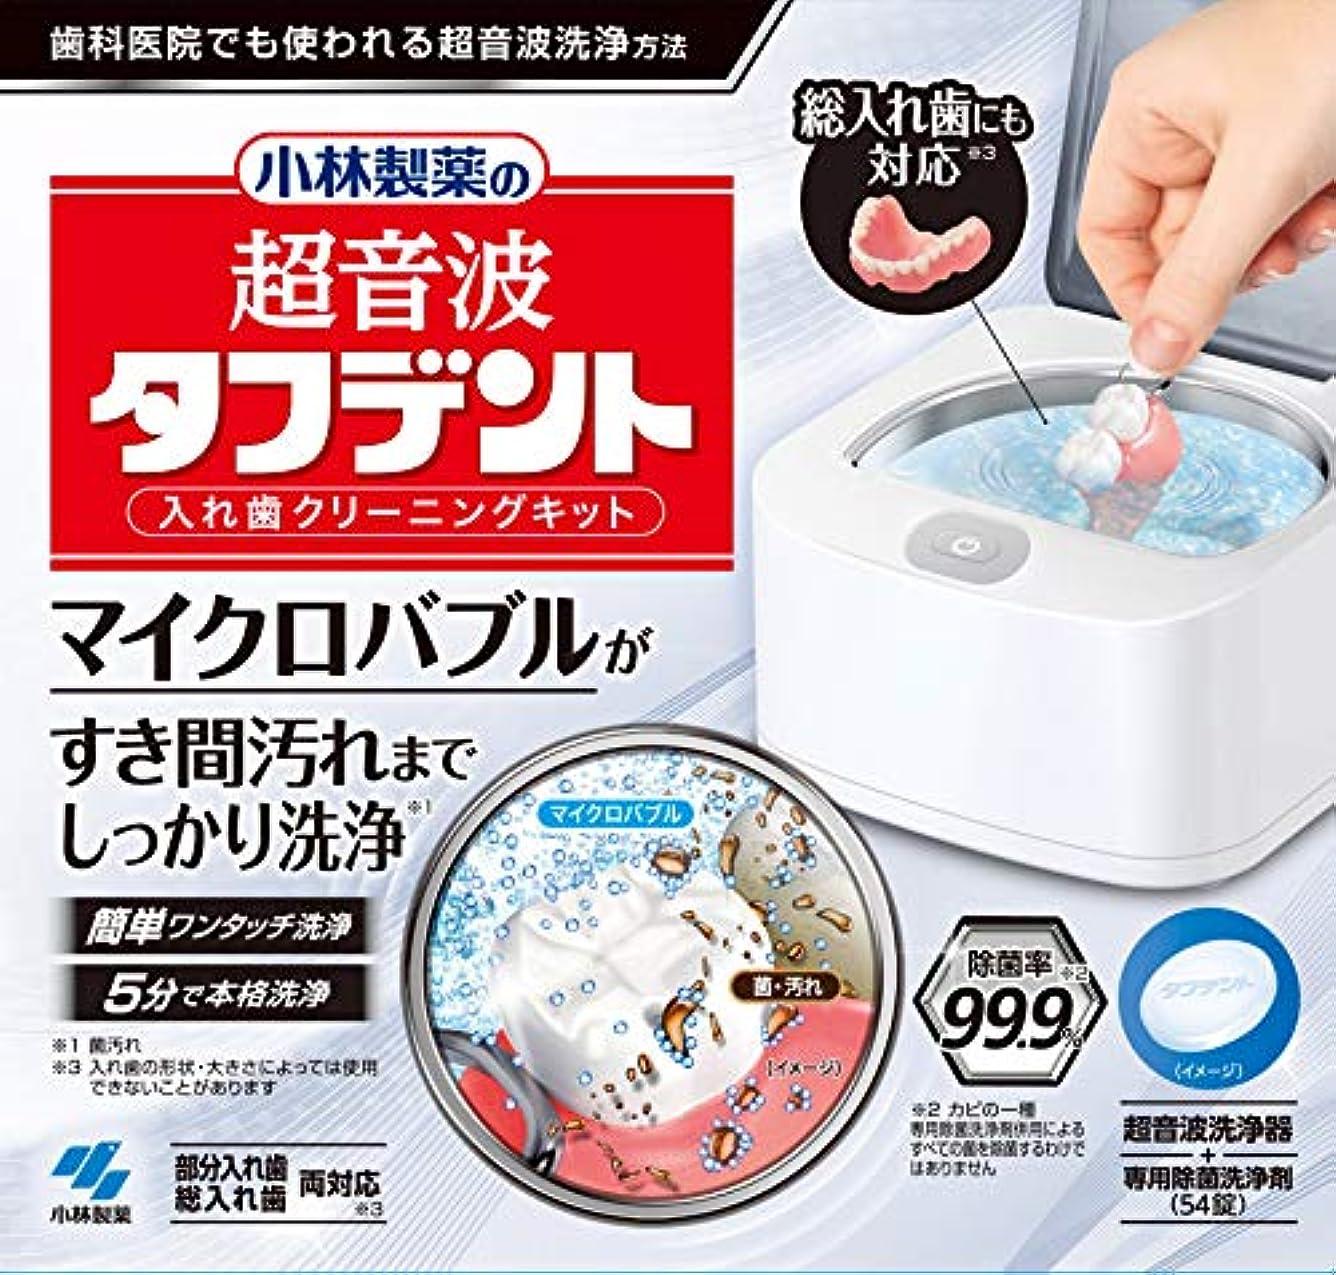 発言する石油チャート小林製薬 義歯洗浄剤 超音波タフデント入れ歯クリーニングキット(メガネクリーナー付)